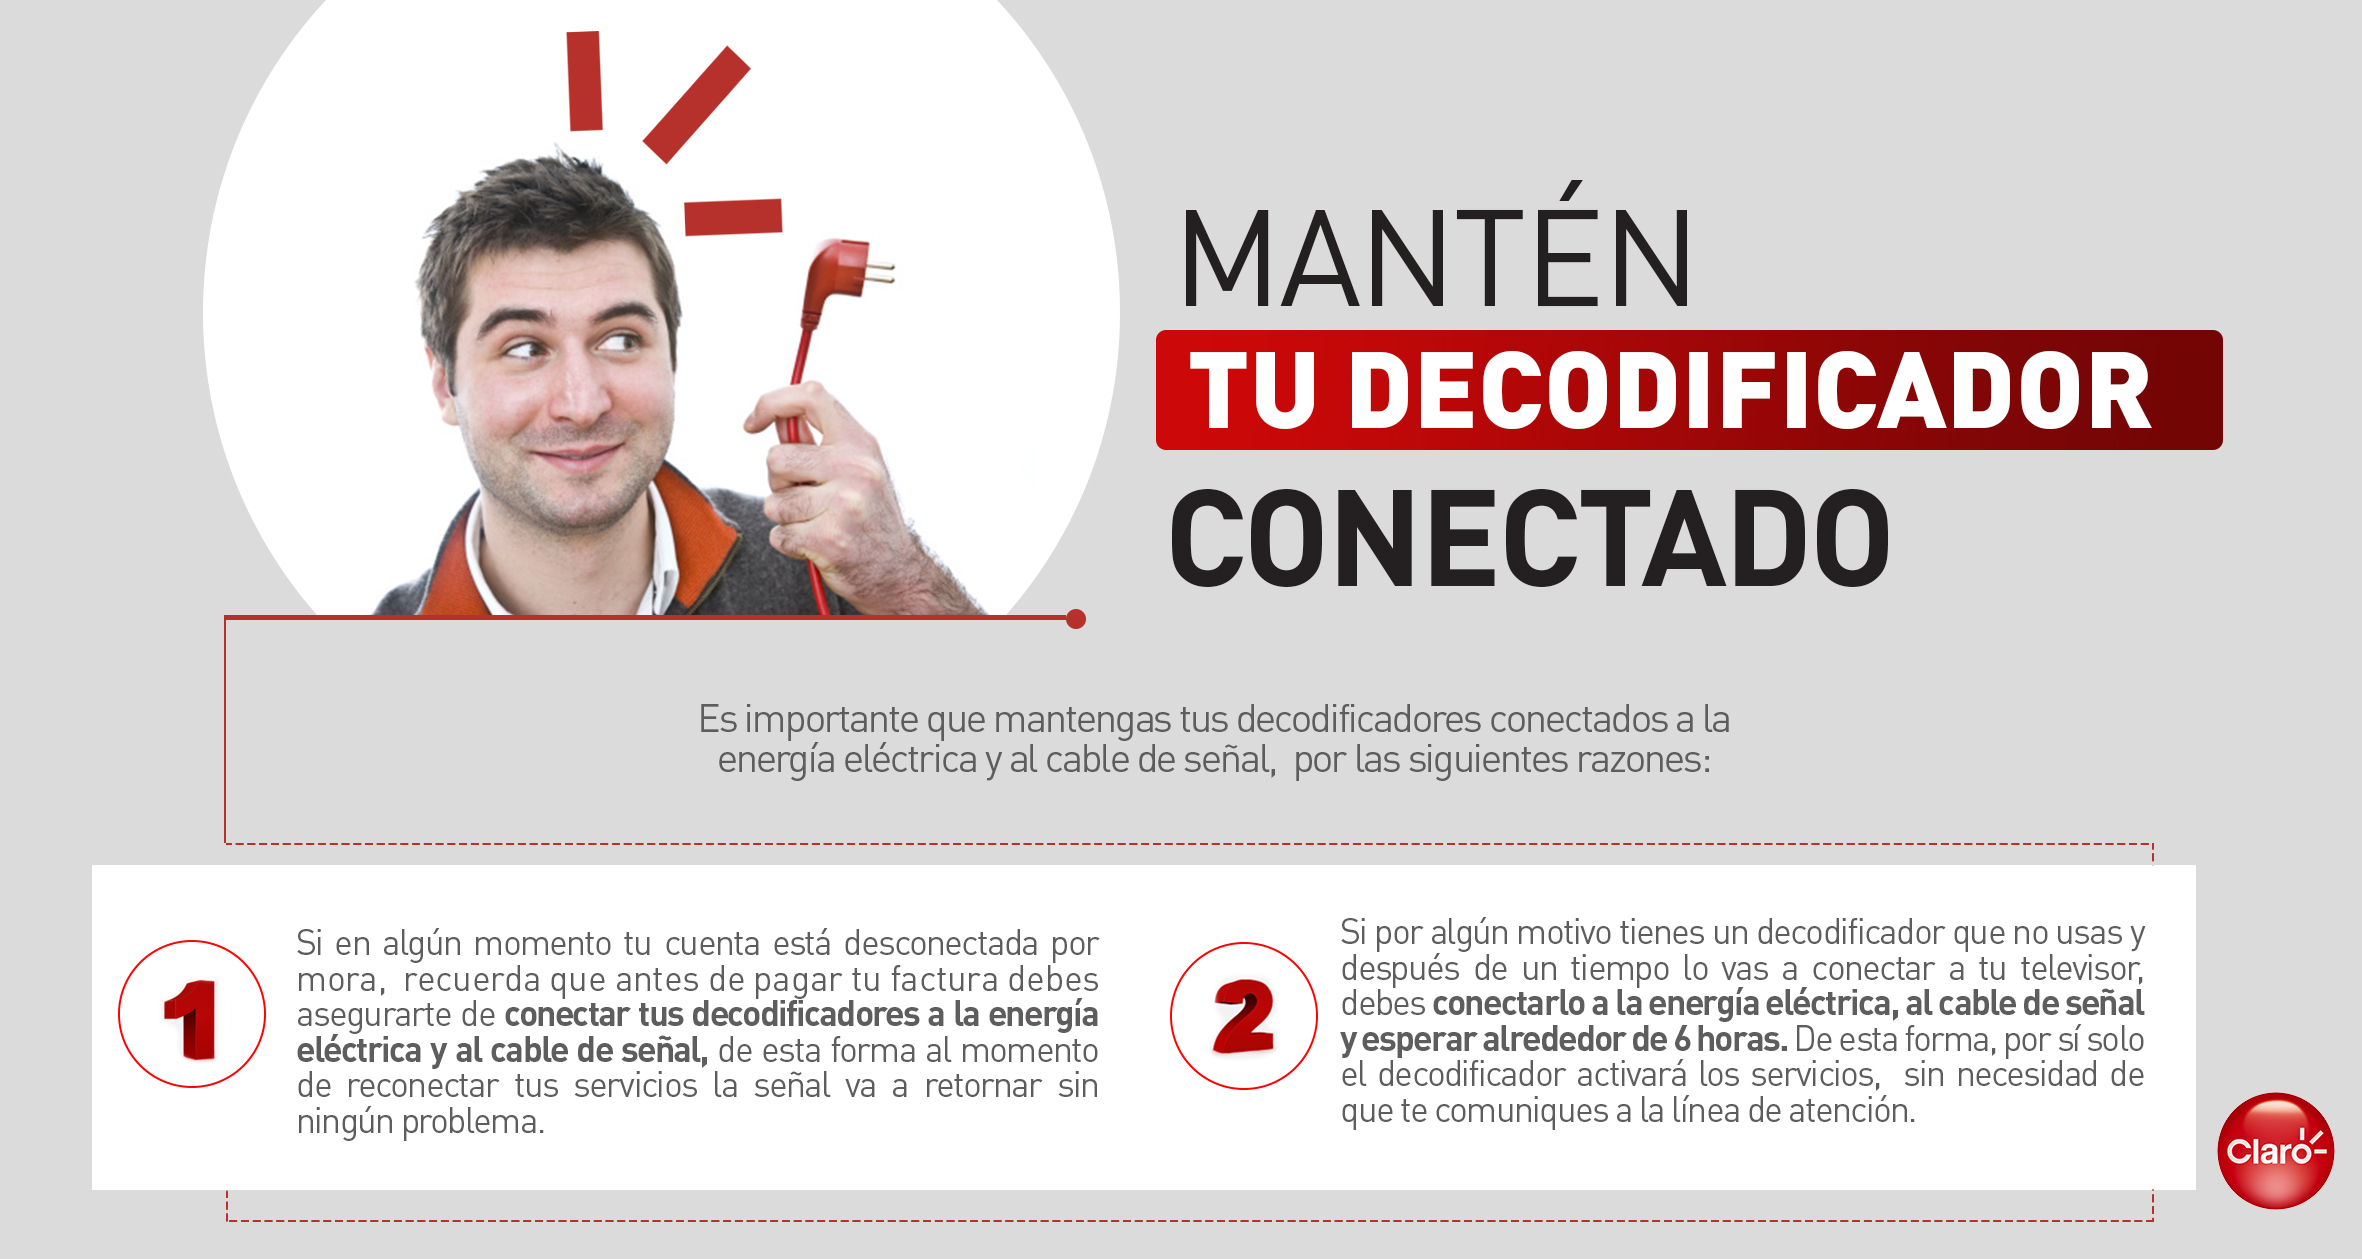 Decodificador Sin Senal Soporte Te Apoyamos A Resolver Tus Dudas Y Problemas Claro Colombia